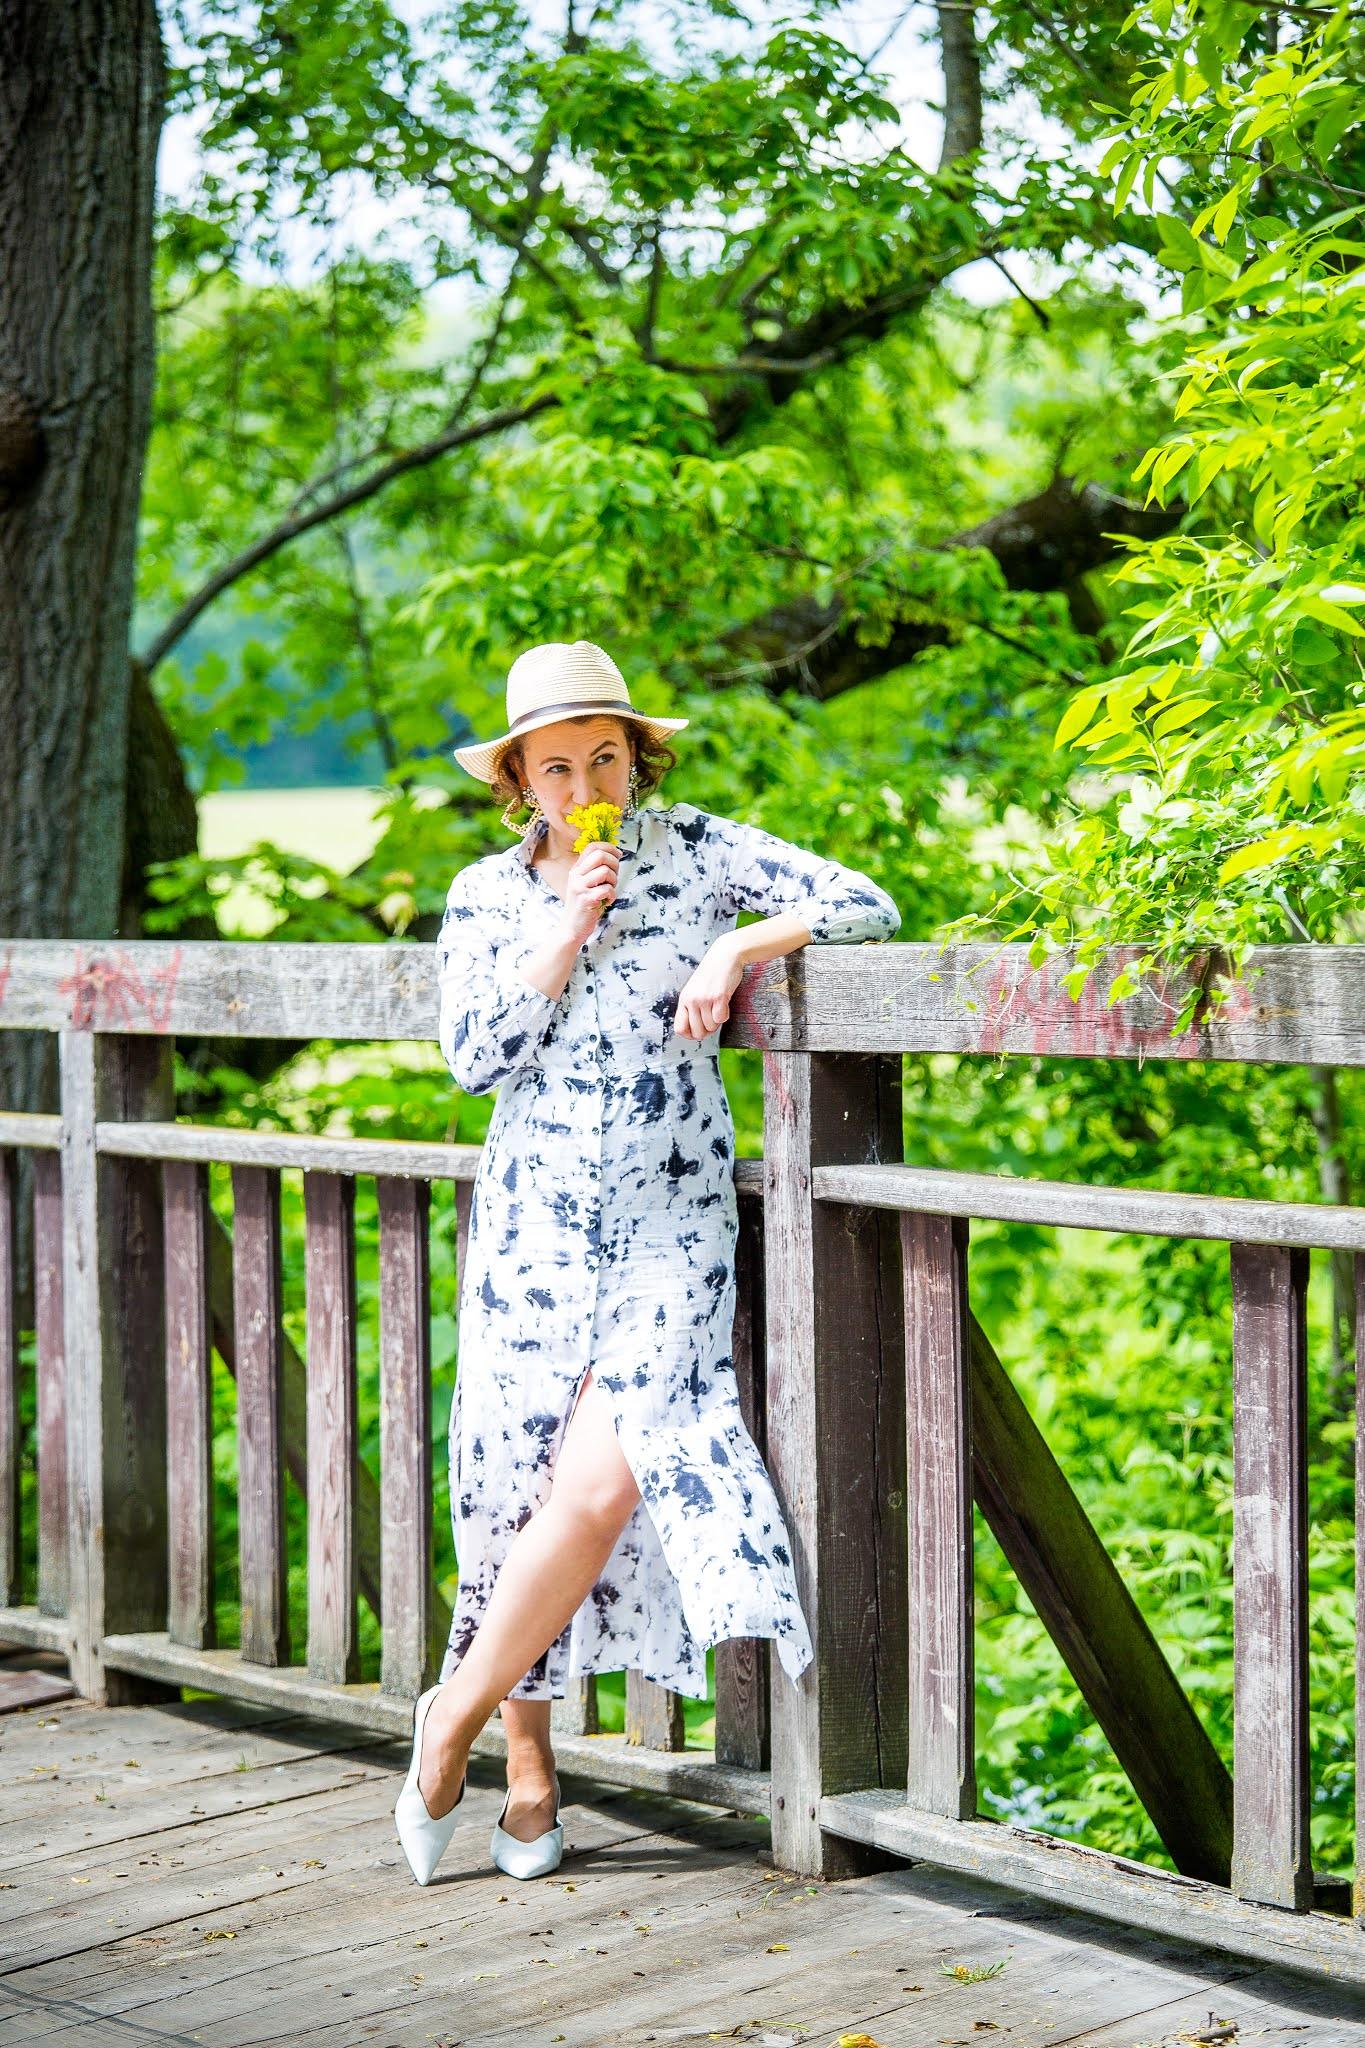 blog modowy Świdnica,Sukienka Midi Sinsay,tie-diy dress,letnia stylizacja,płaskie buty Mango,kapelusz słomiany,wyprzedaż sinsay,Midi dress,moda,fashion,